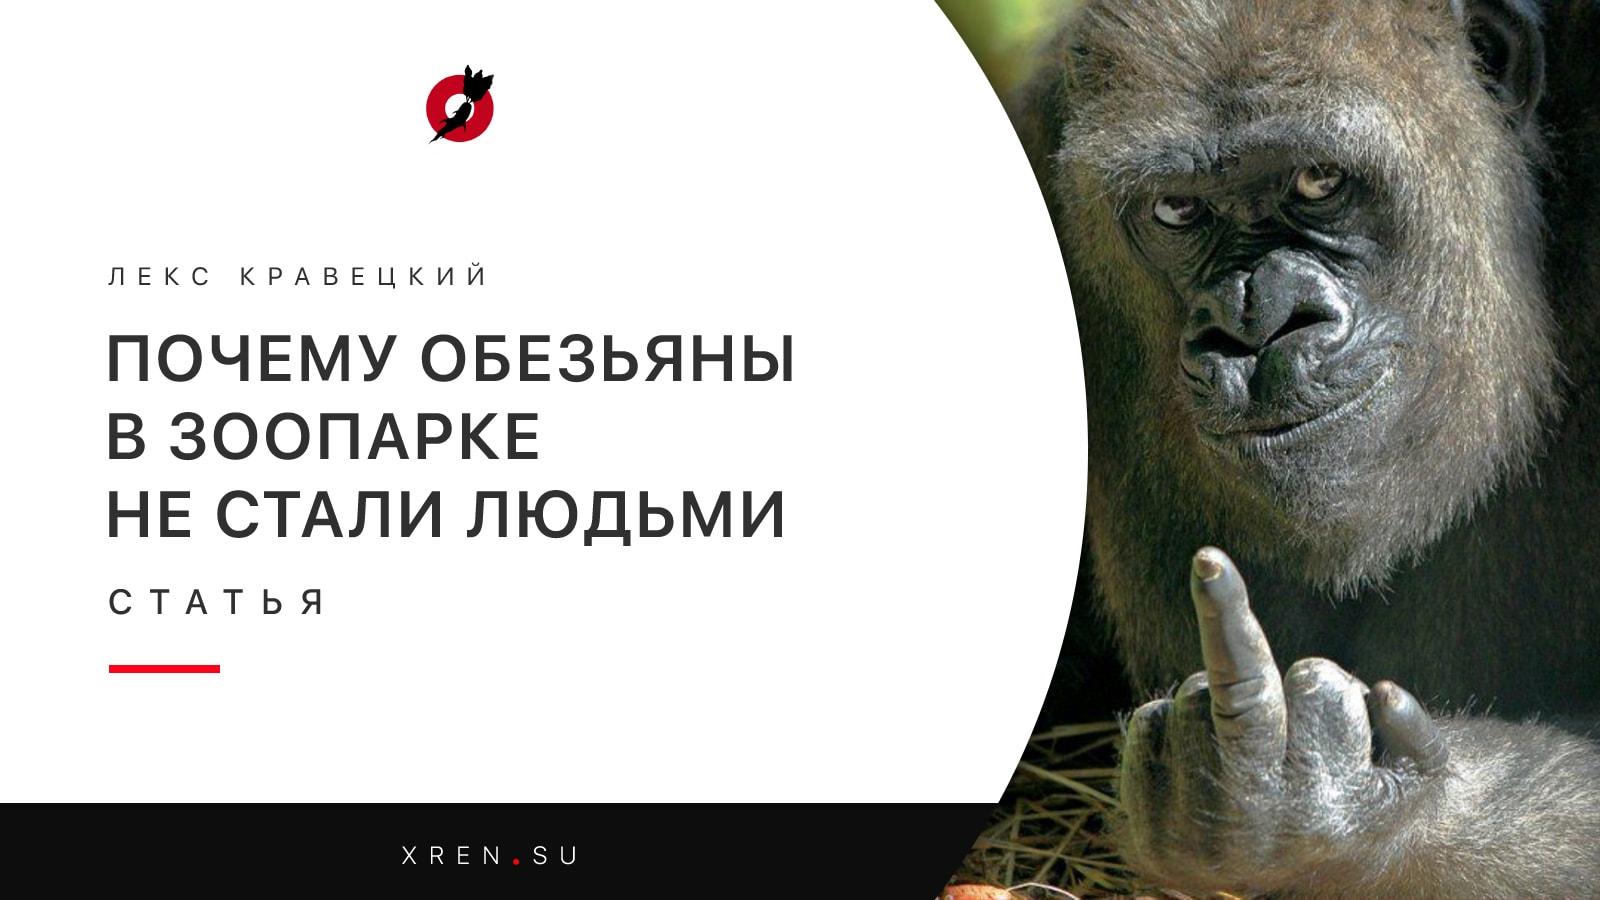 Почему обезьяны в зоопарке не стали людьми